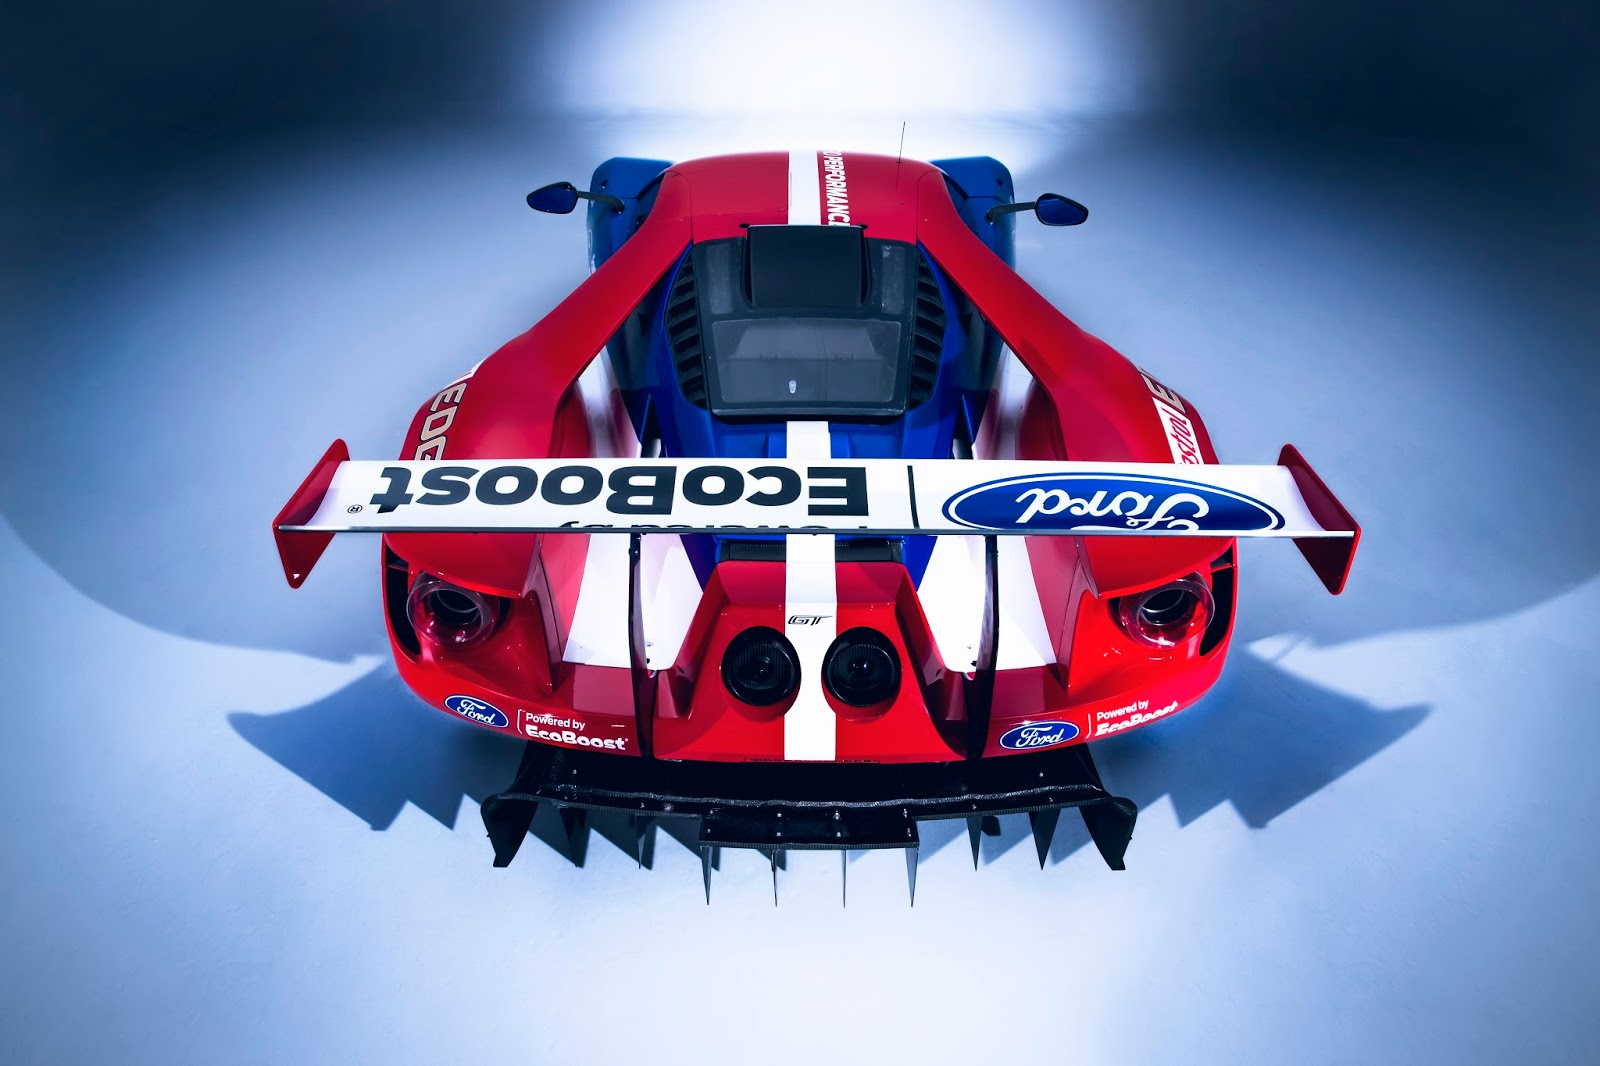 FordGT 2016 WEC rear Η Ford με το GT Race Car επιστρέφει στους αγώνες αντοχής και μας παρουσιάζει τους οδηγούς της Ford, Ford GT, World Endurance Championship